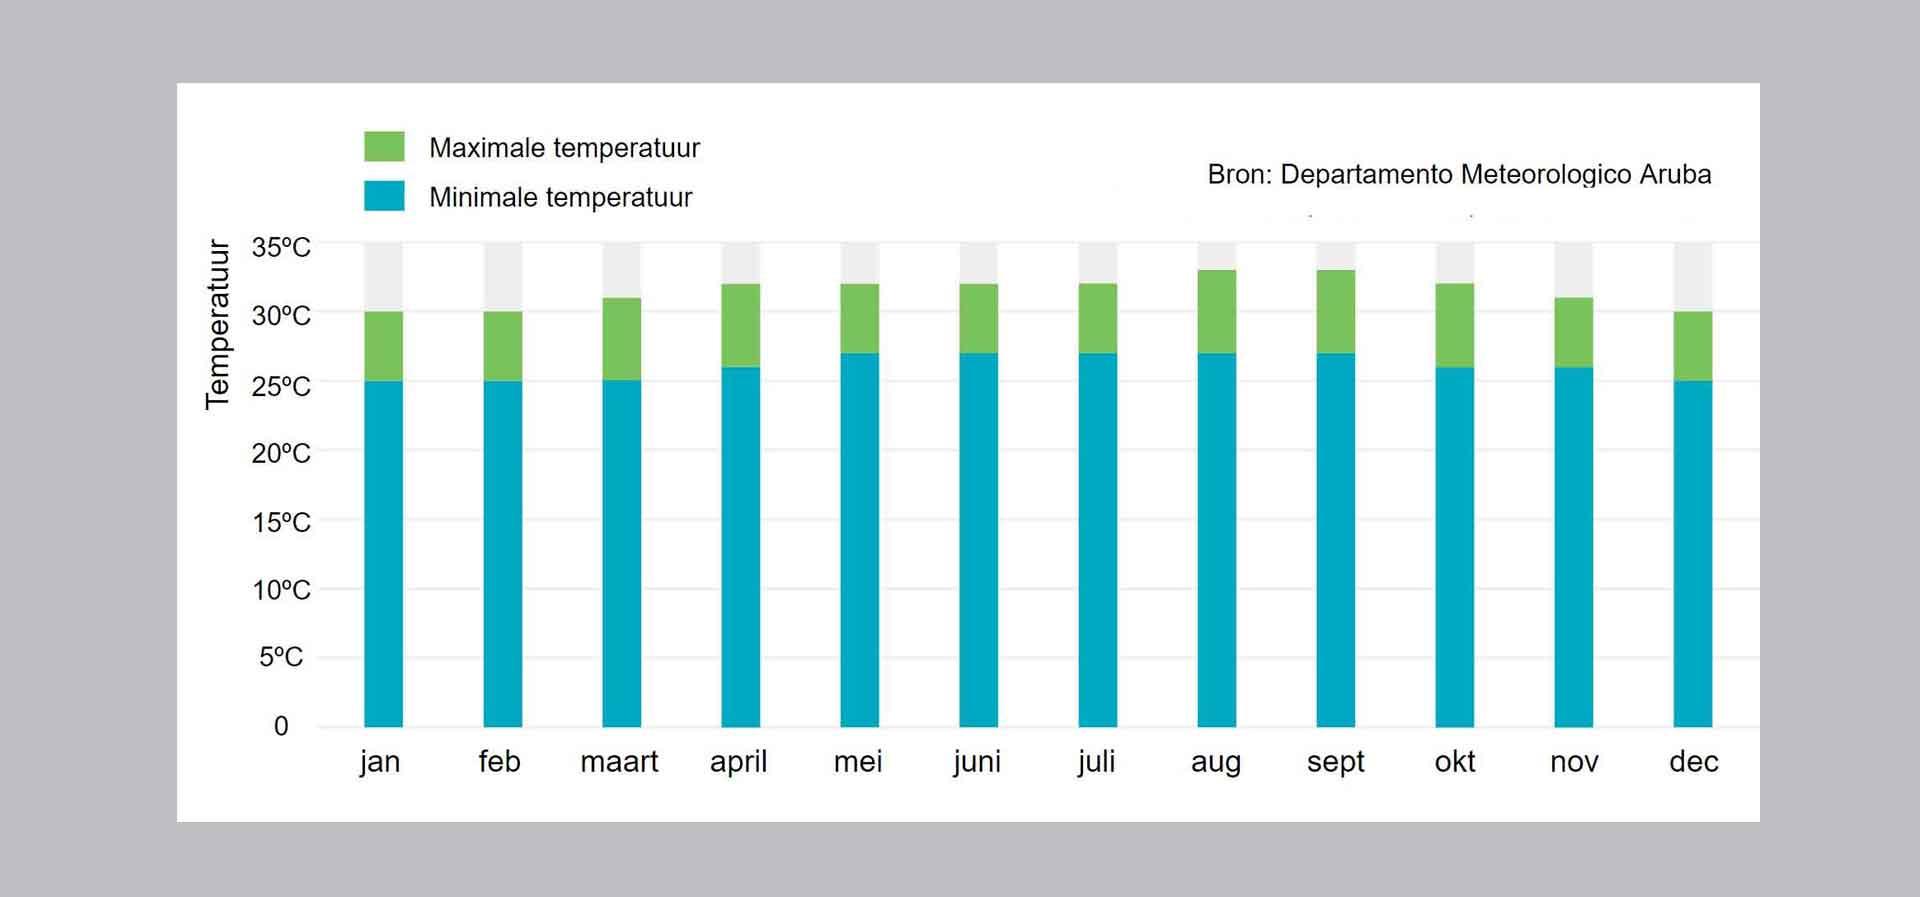 Vakantiewoning Aruba temperatuur2 - ALGEMENE INFORMATIE